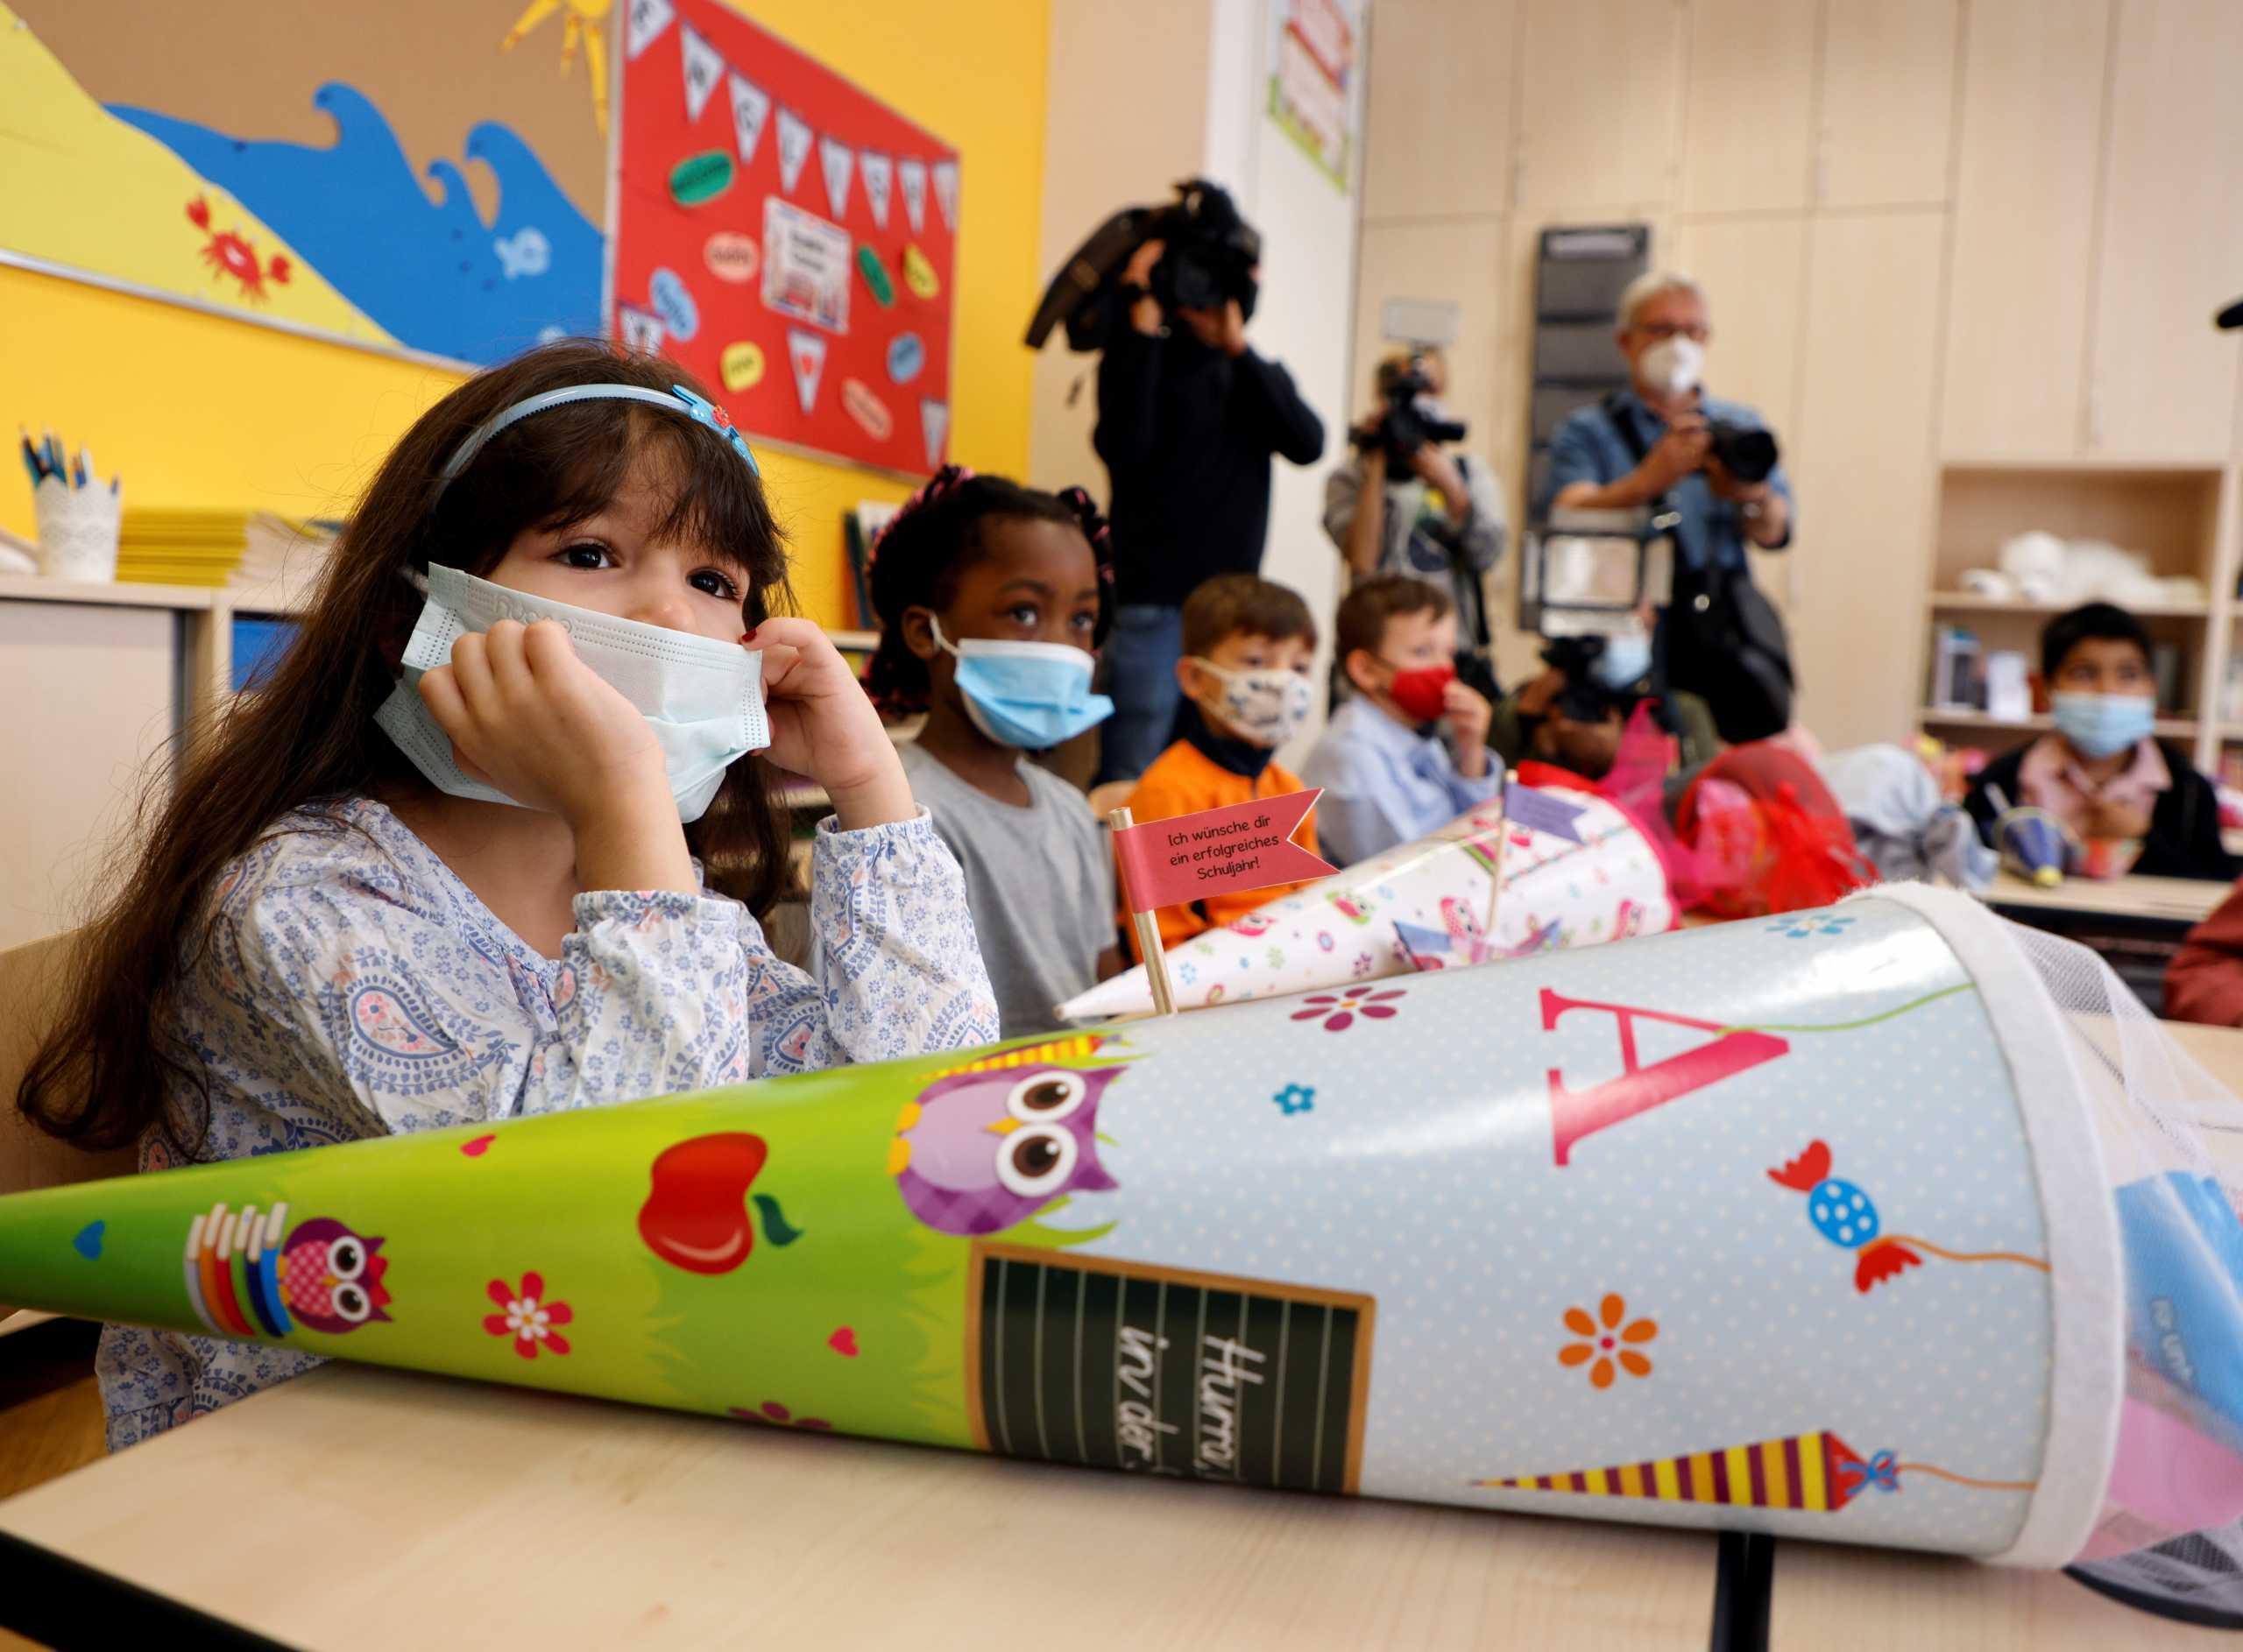 Γαλλία – κορονοϊός: Τέλος η υποχρεωτική χρήση μάσκας στα δημοτικά σχολεία σε περιοχές με λίγα κρούσματα